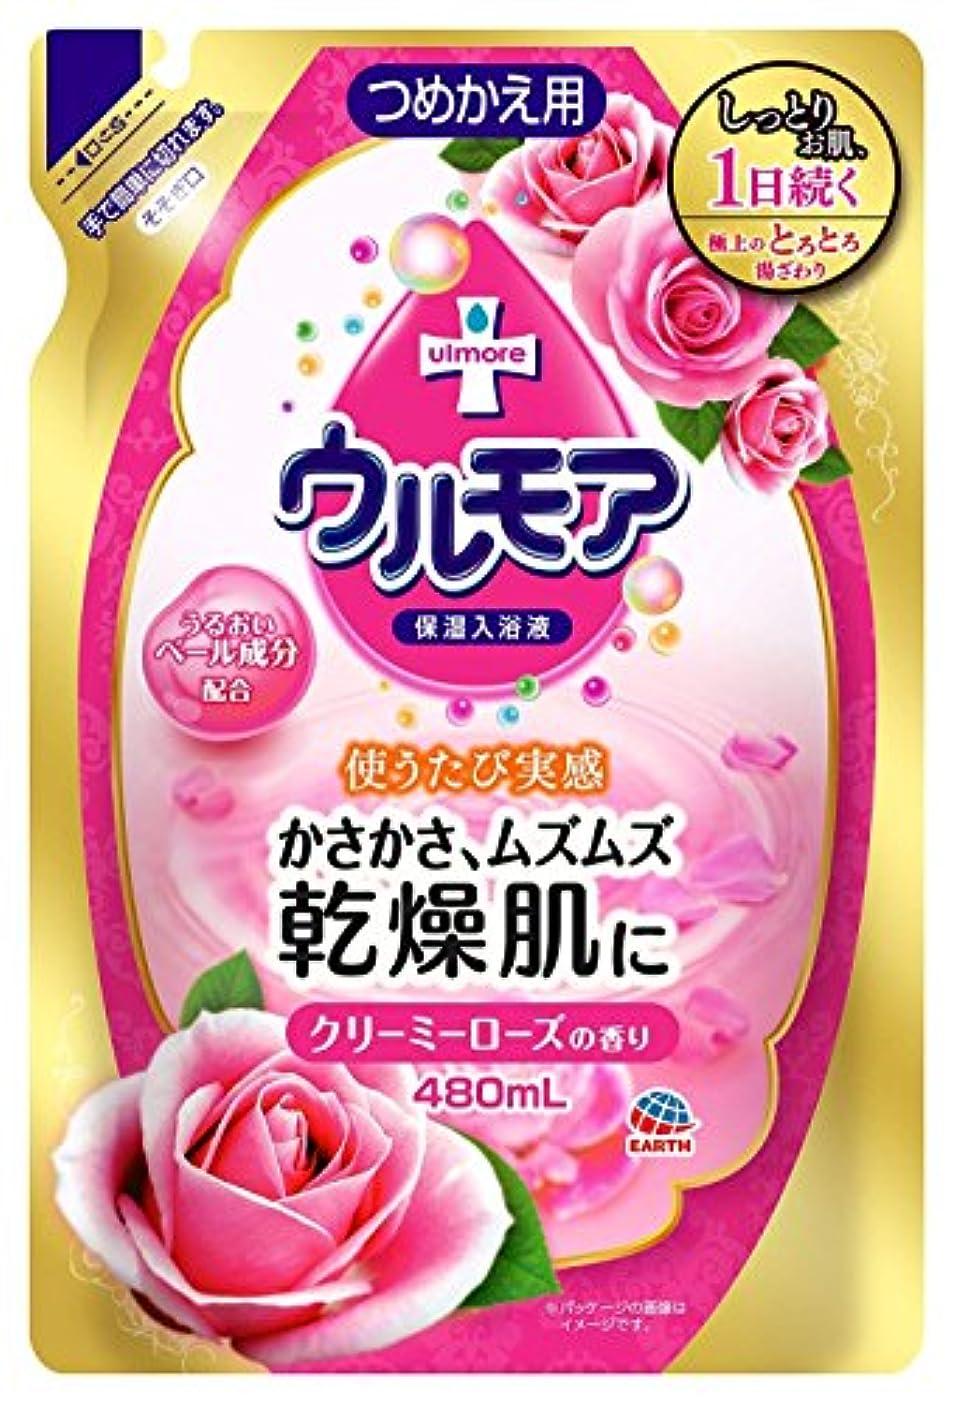 パス誇り息を切らして【アース製薬】保湿入浴液ウルモアクリーミーローズの香り 詰替え用 480ml ×20個セット